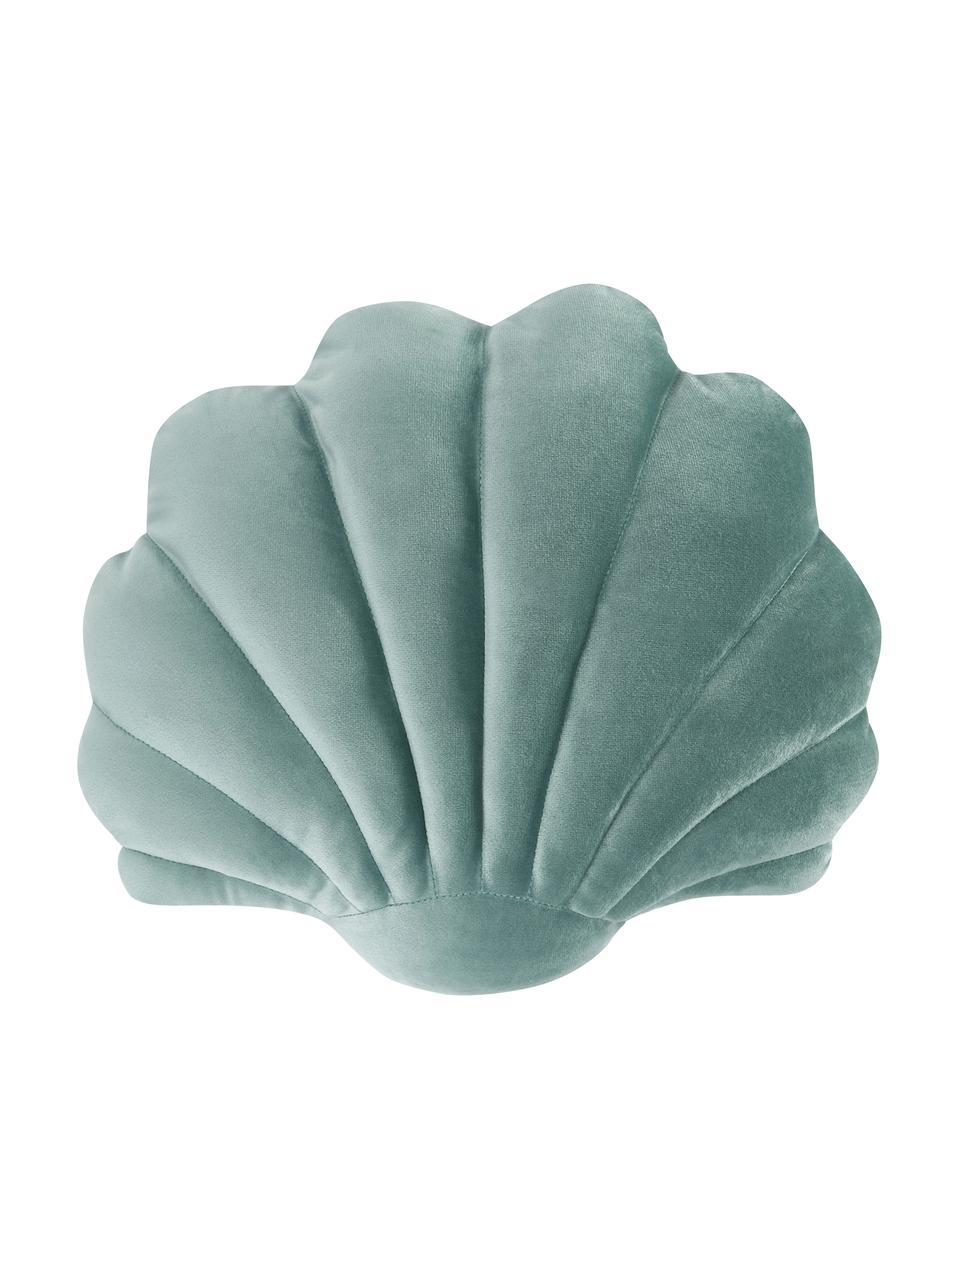 Poduszka z aksamitu Shell, Zielony, S 32 x D 27 cm